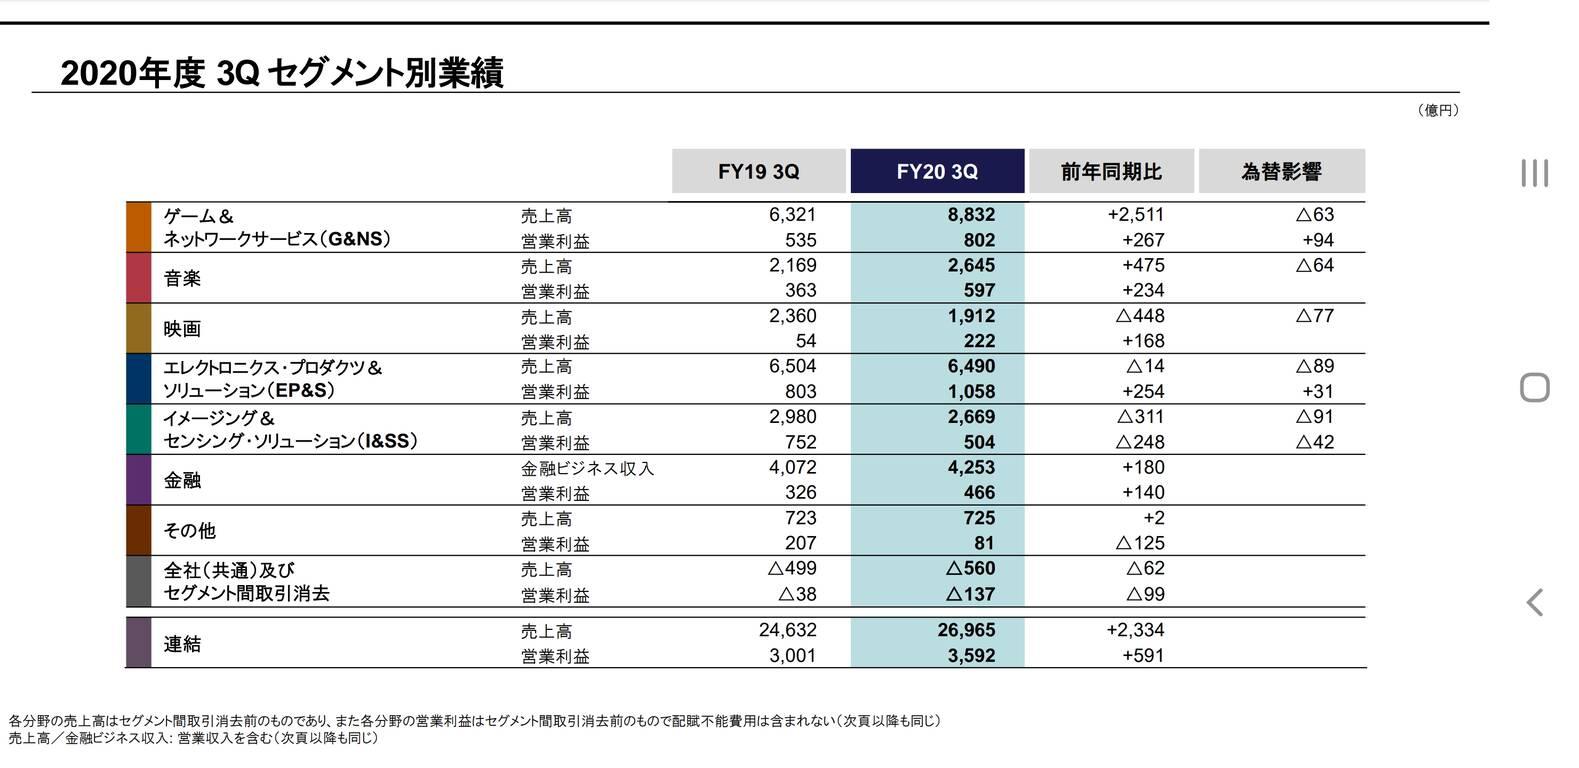 ソニー、PS5を12月末までに450万台以上販売 PS4同様に好スタート発進、3月末までに760万台出荷予定